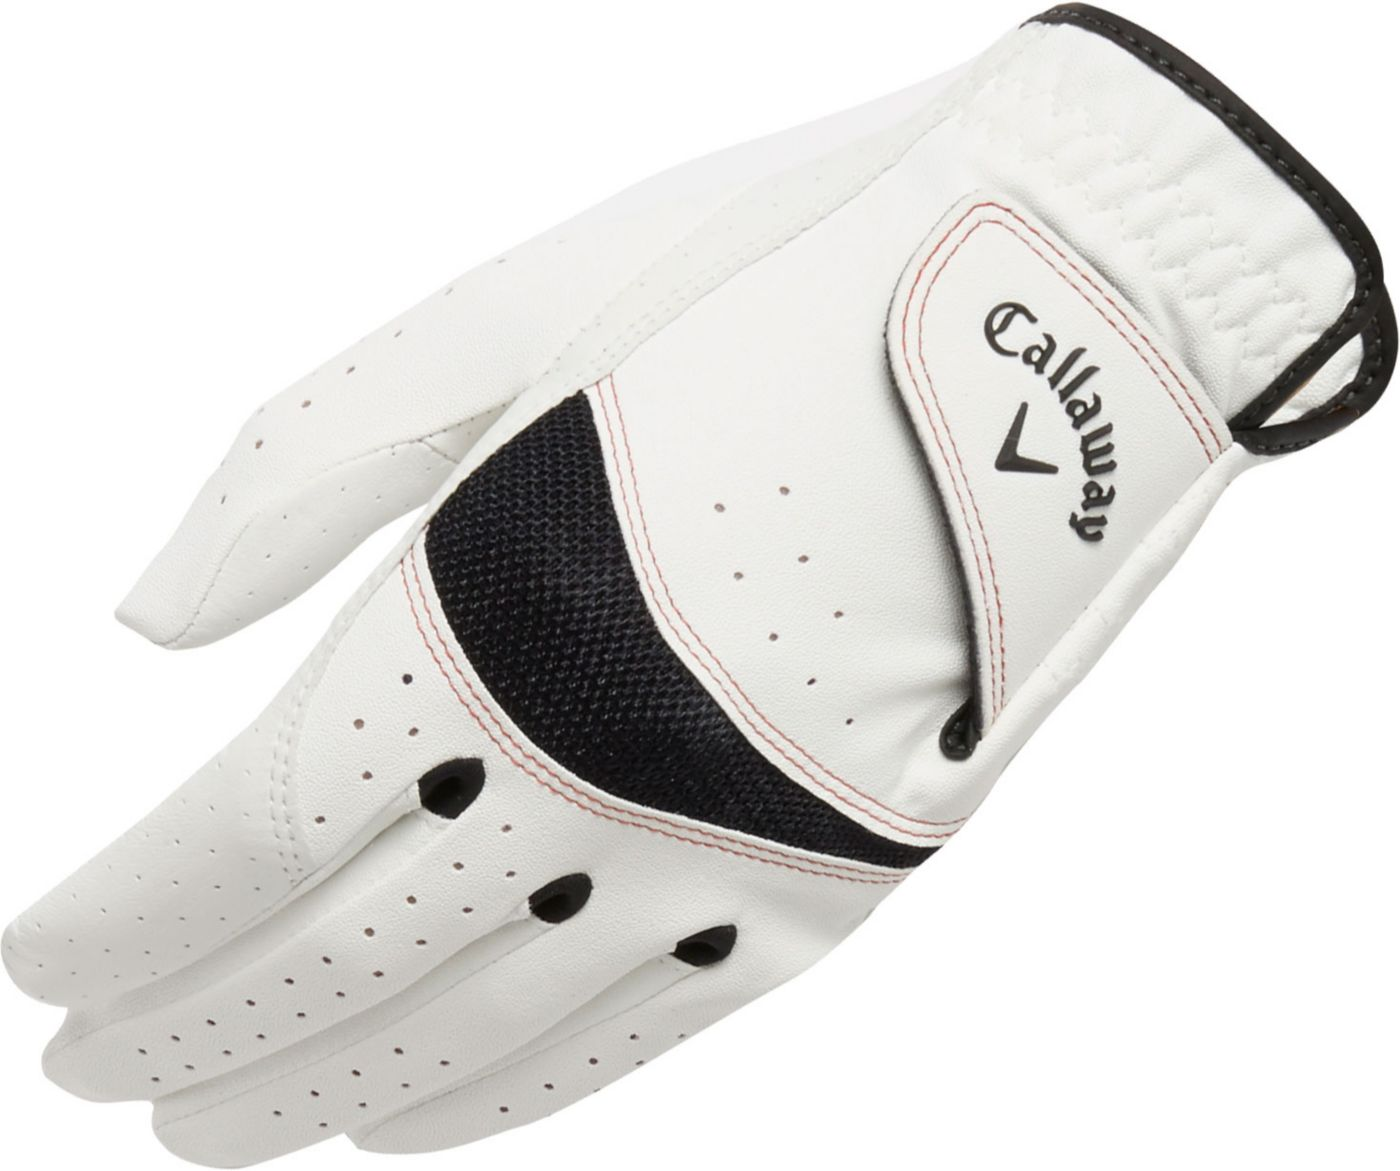 Callaway Junior X-Tech Golf Glove